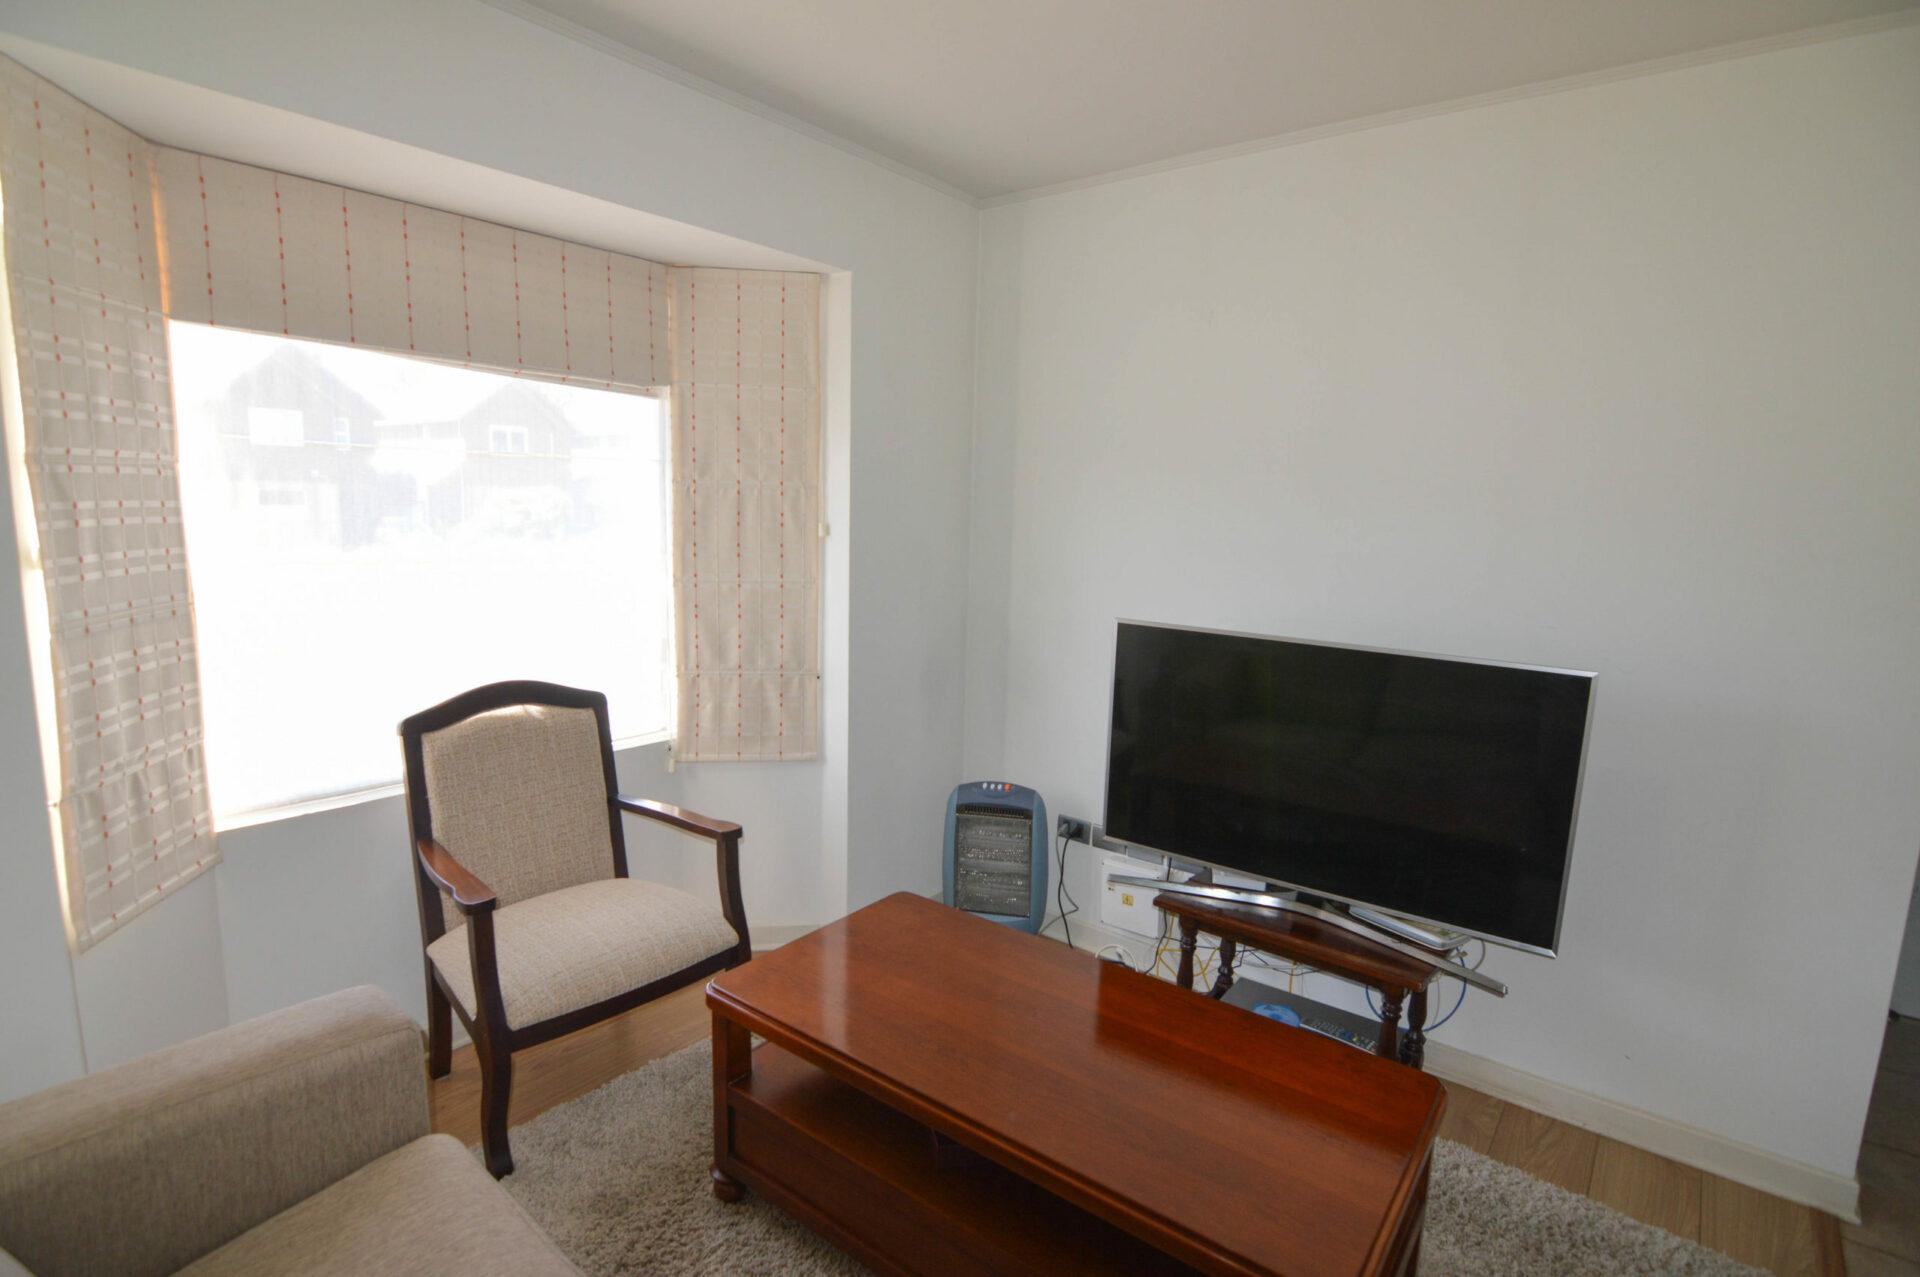 Condominio Mirador